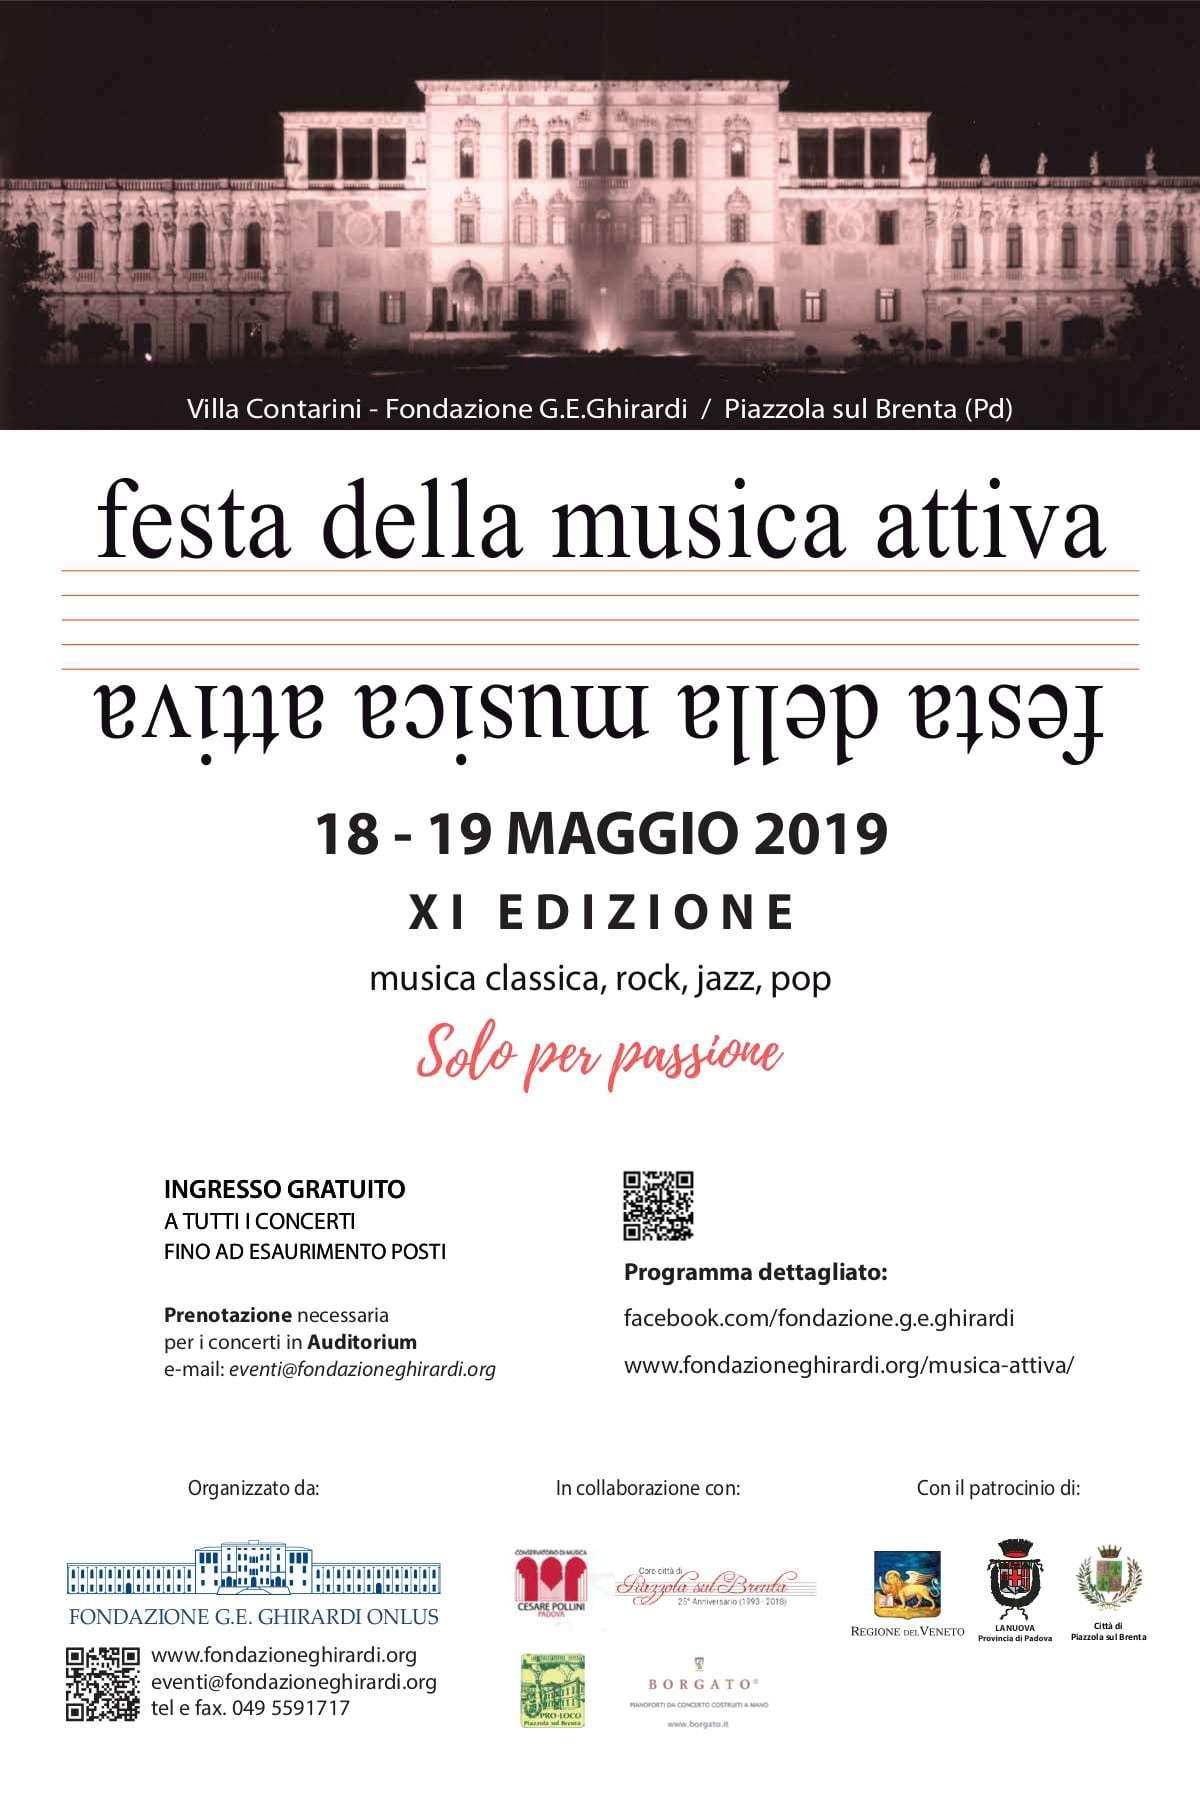 festa della musica attiva 2019